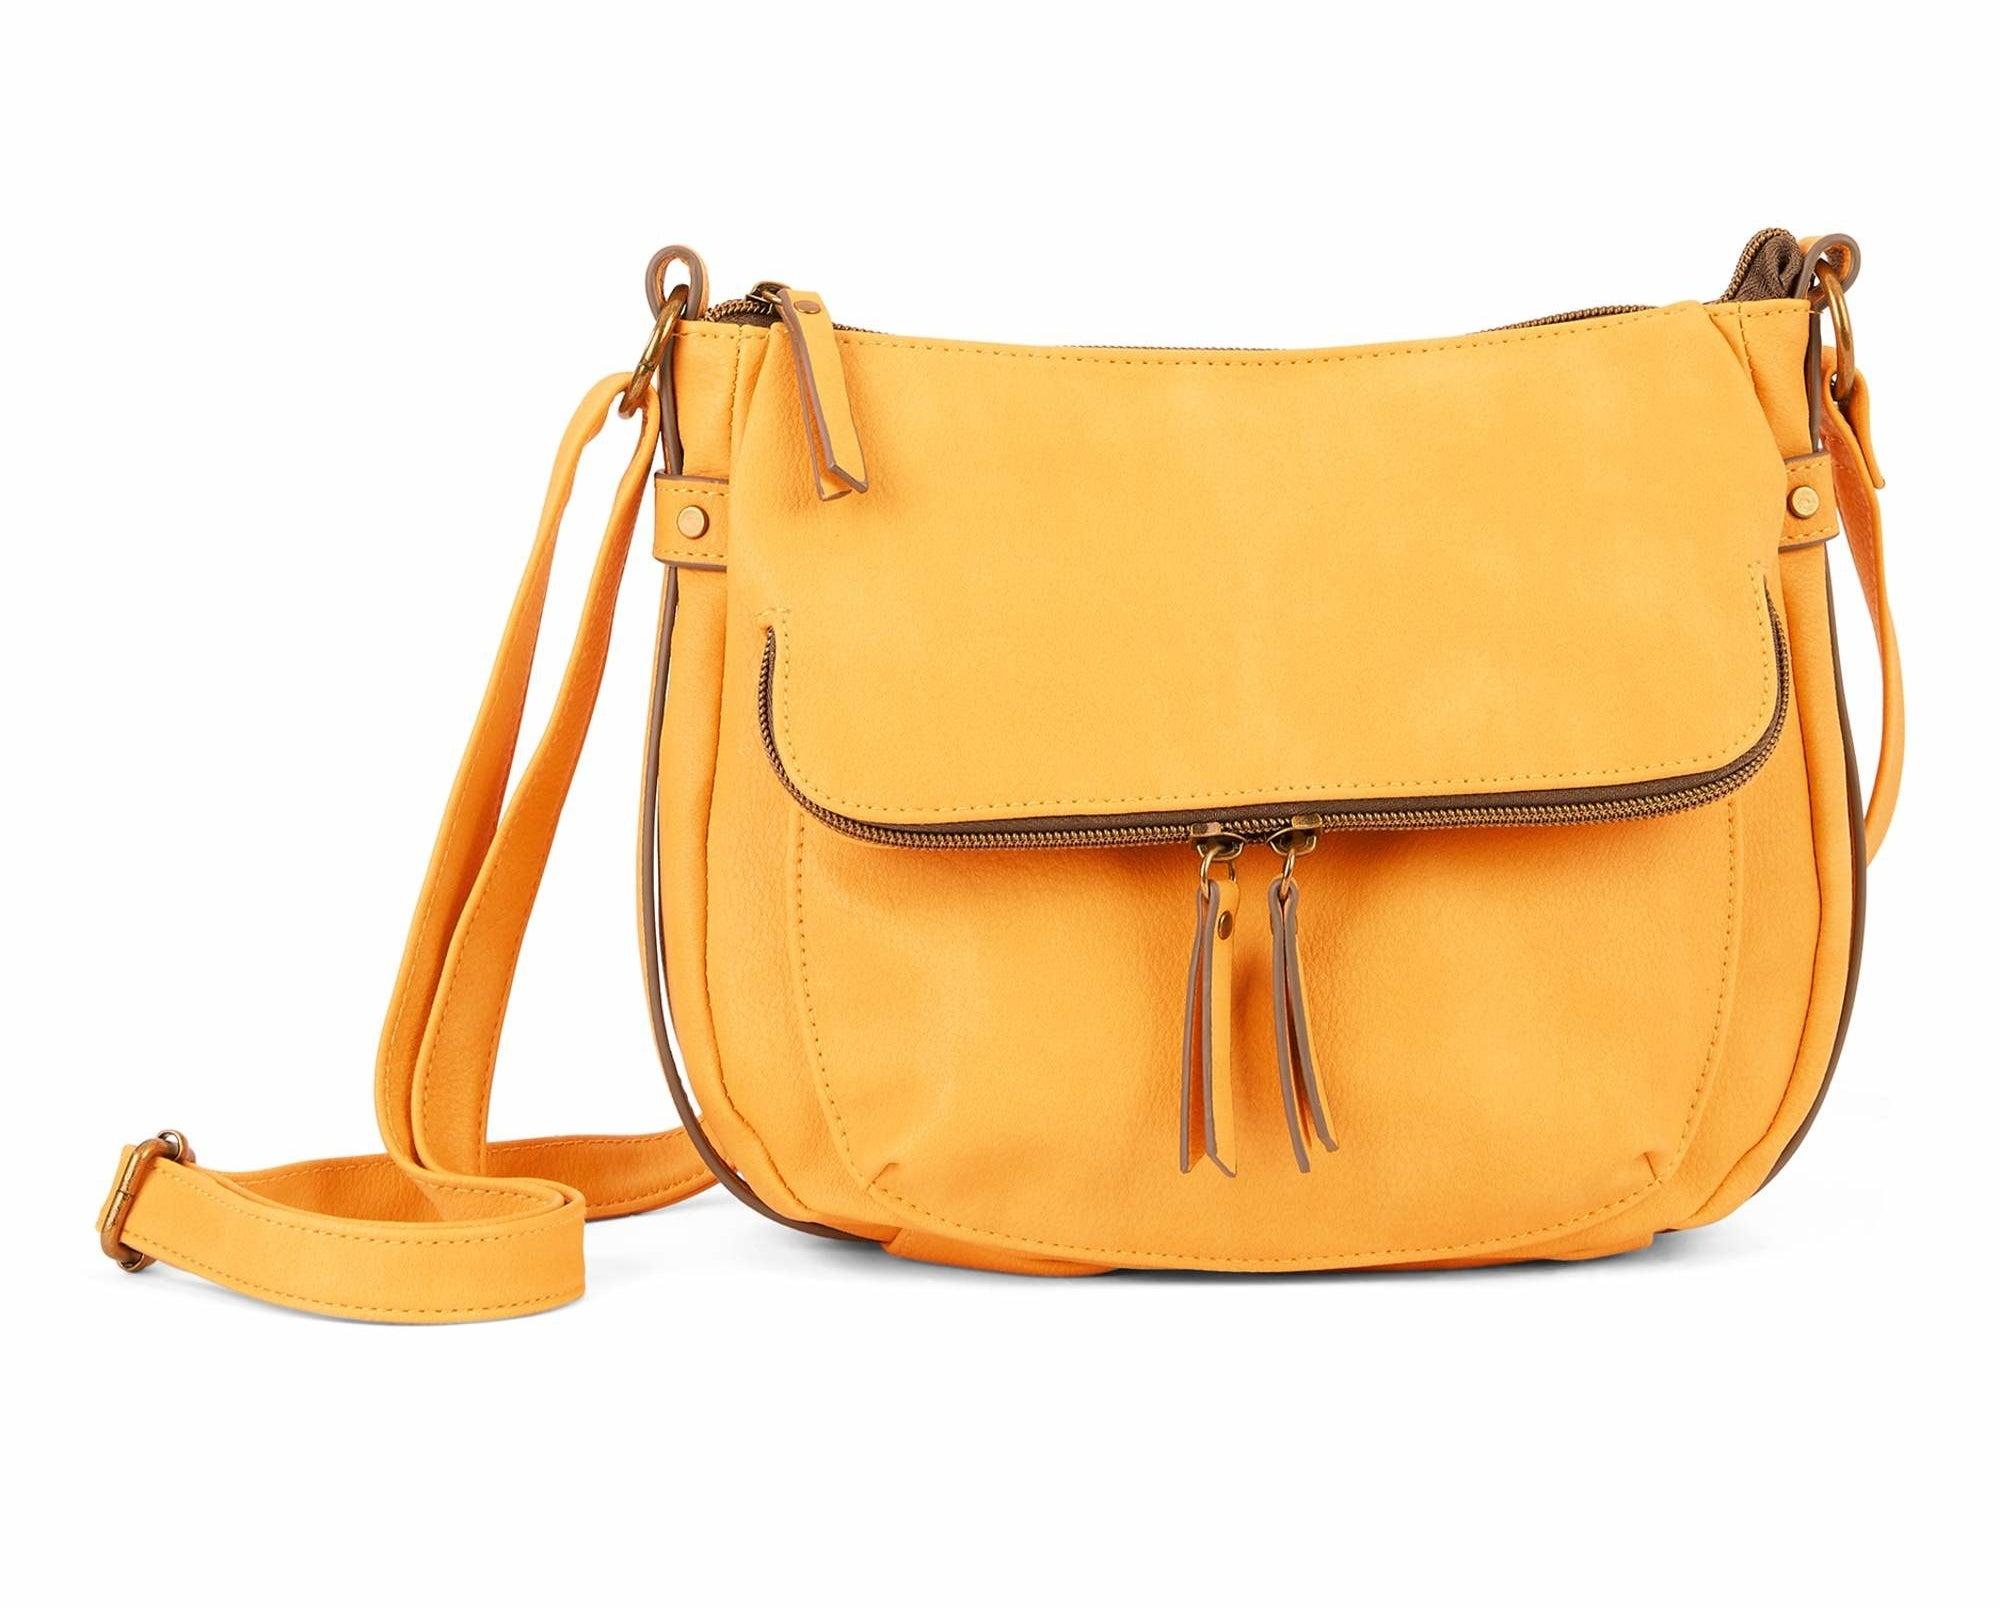 The yellow bag